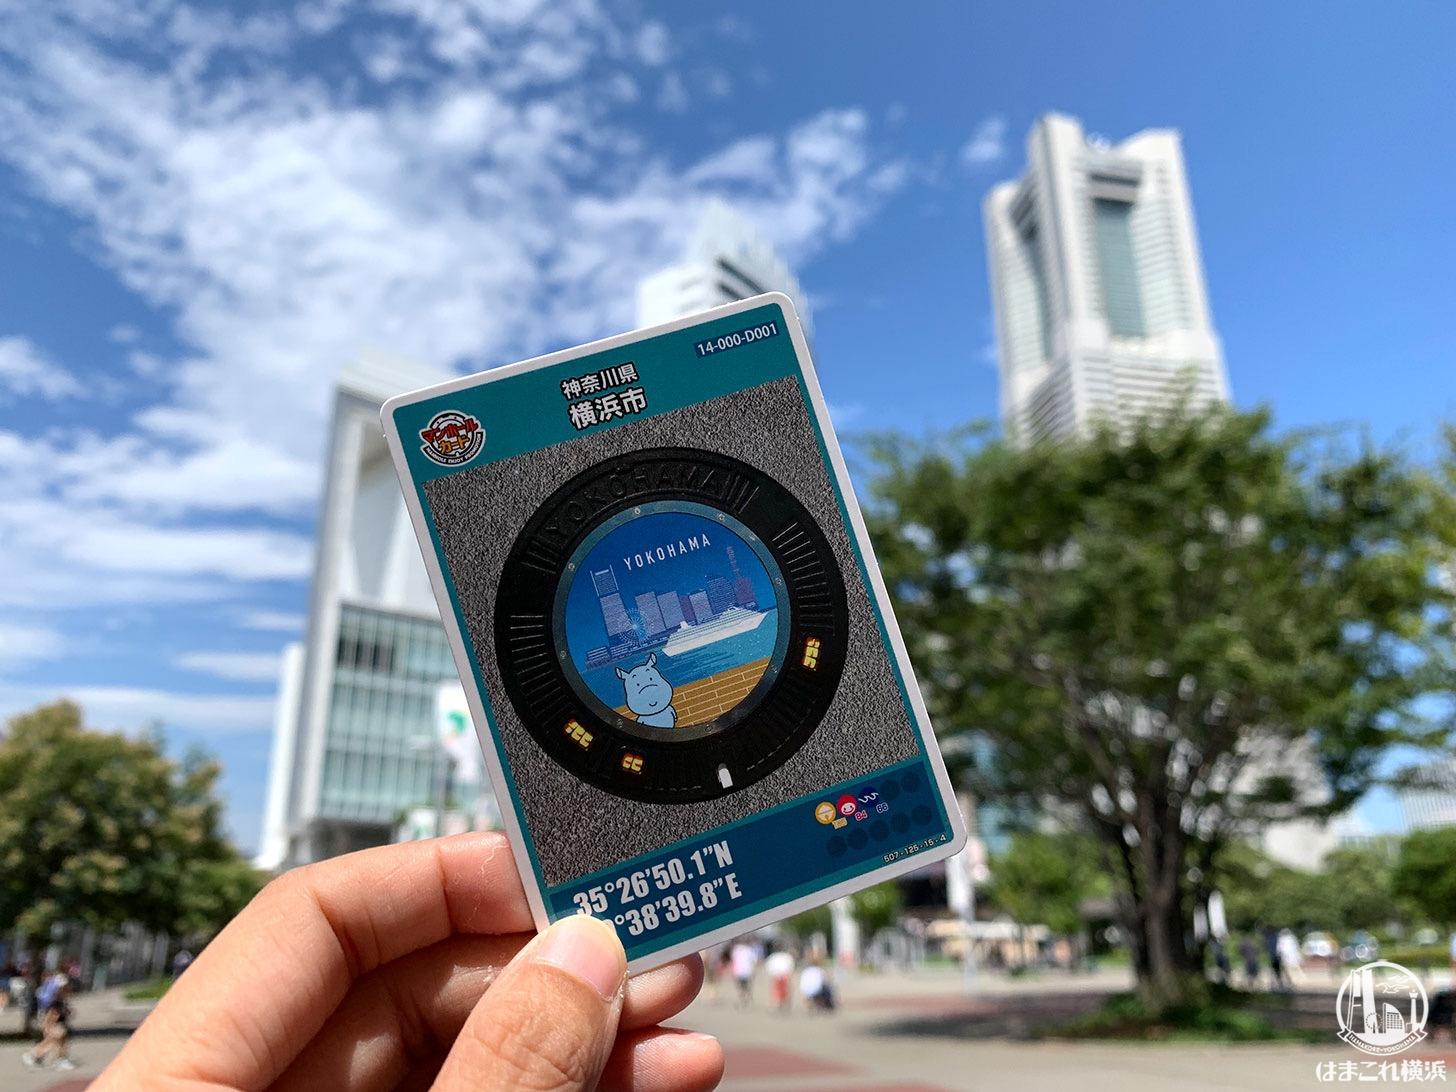 桜木町駅観光案内所で貰ったマンホールカード